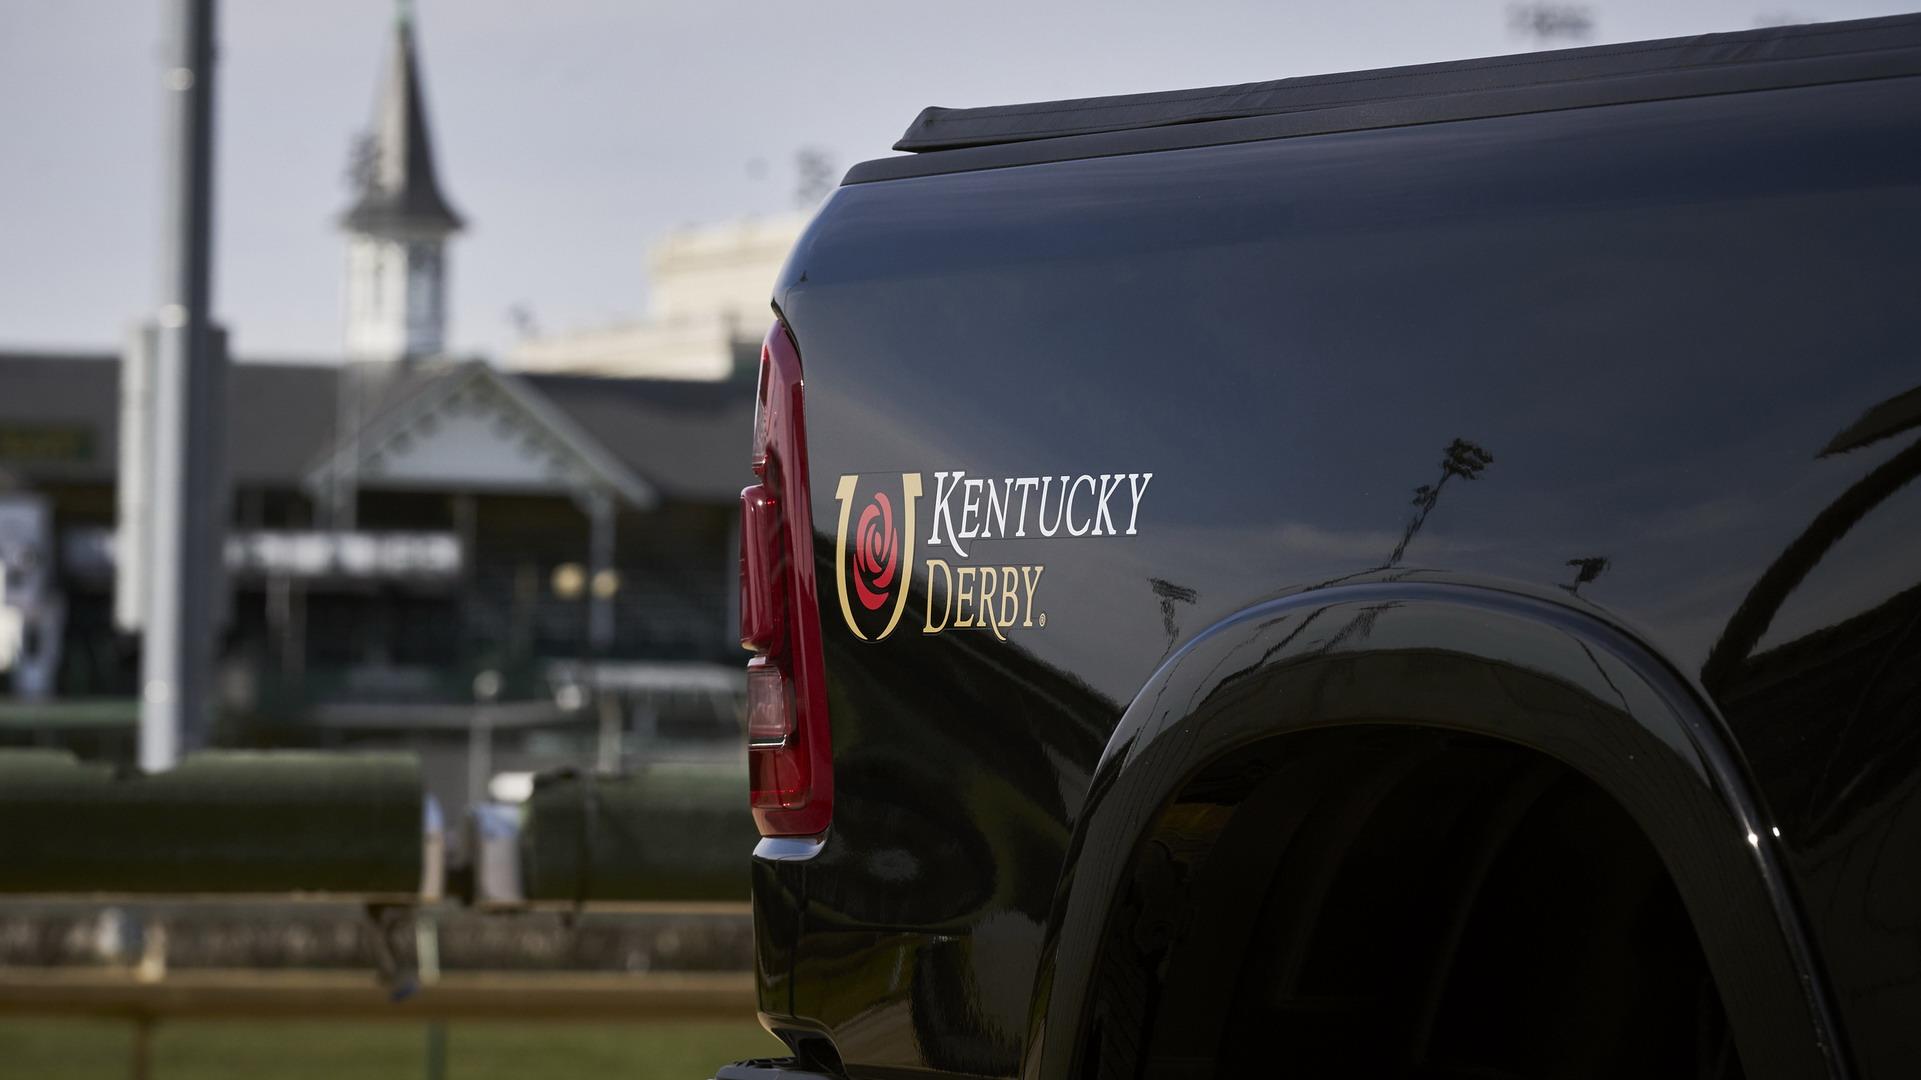 Ram_1500_Kentucky_Derby_Edition_0008